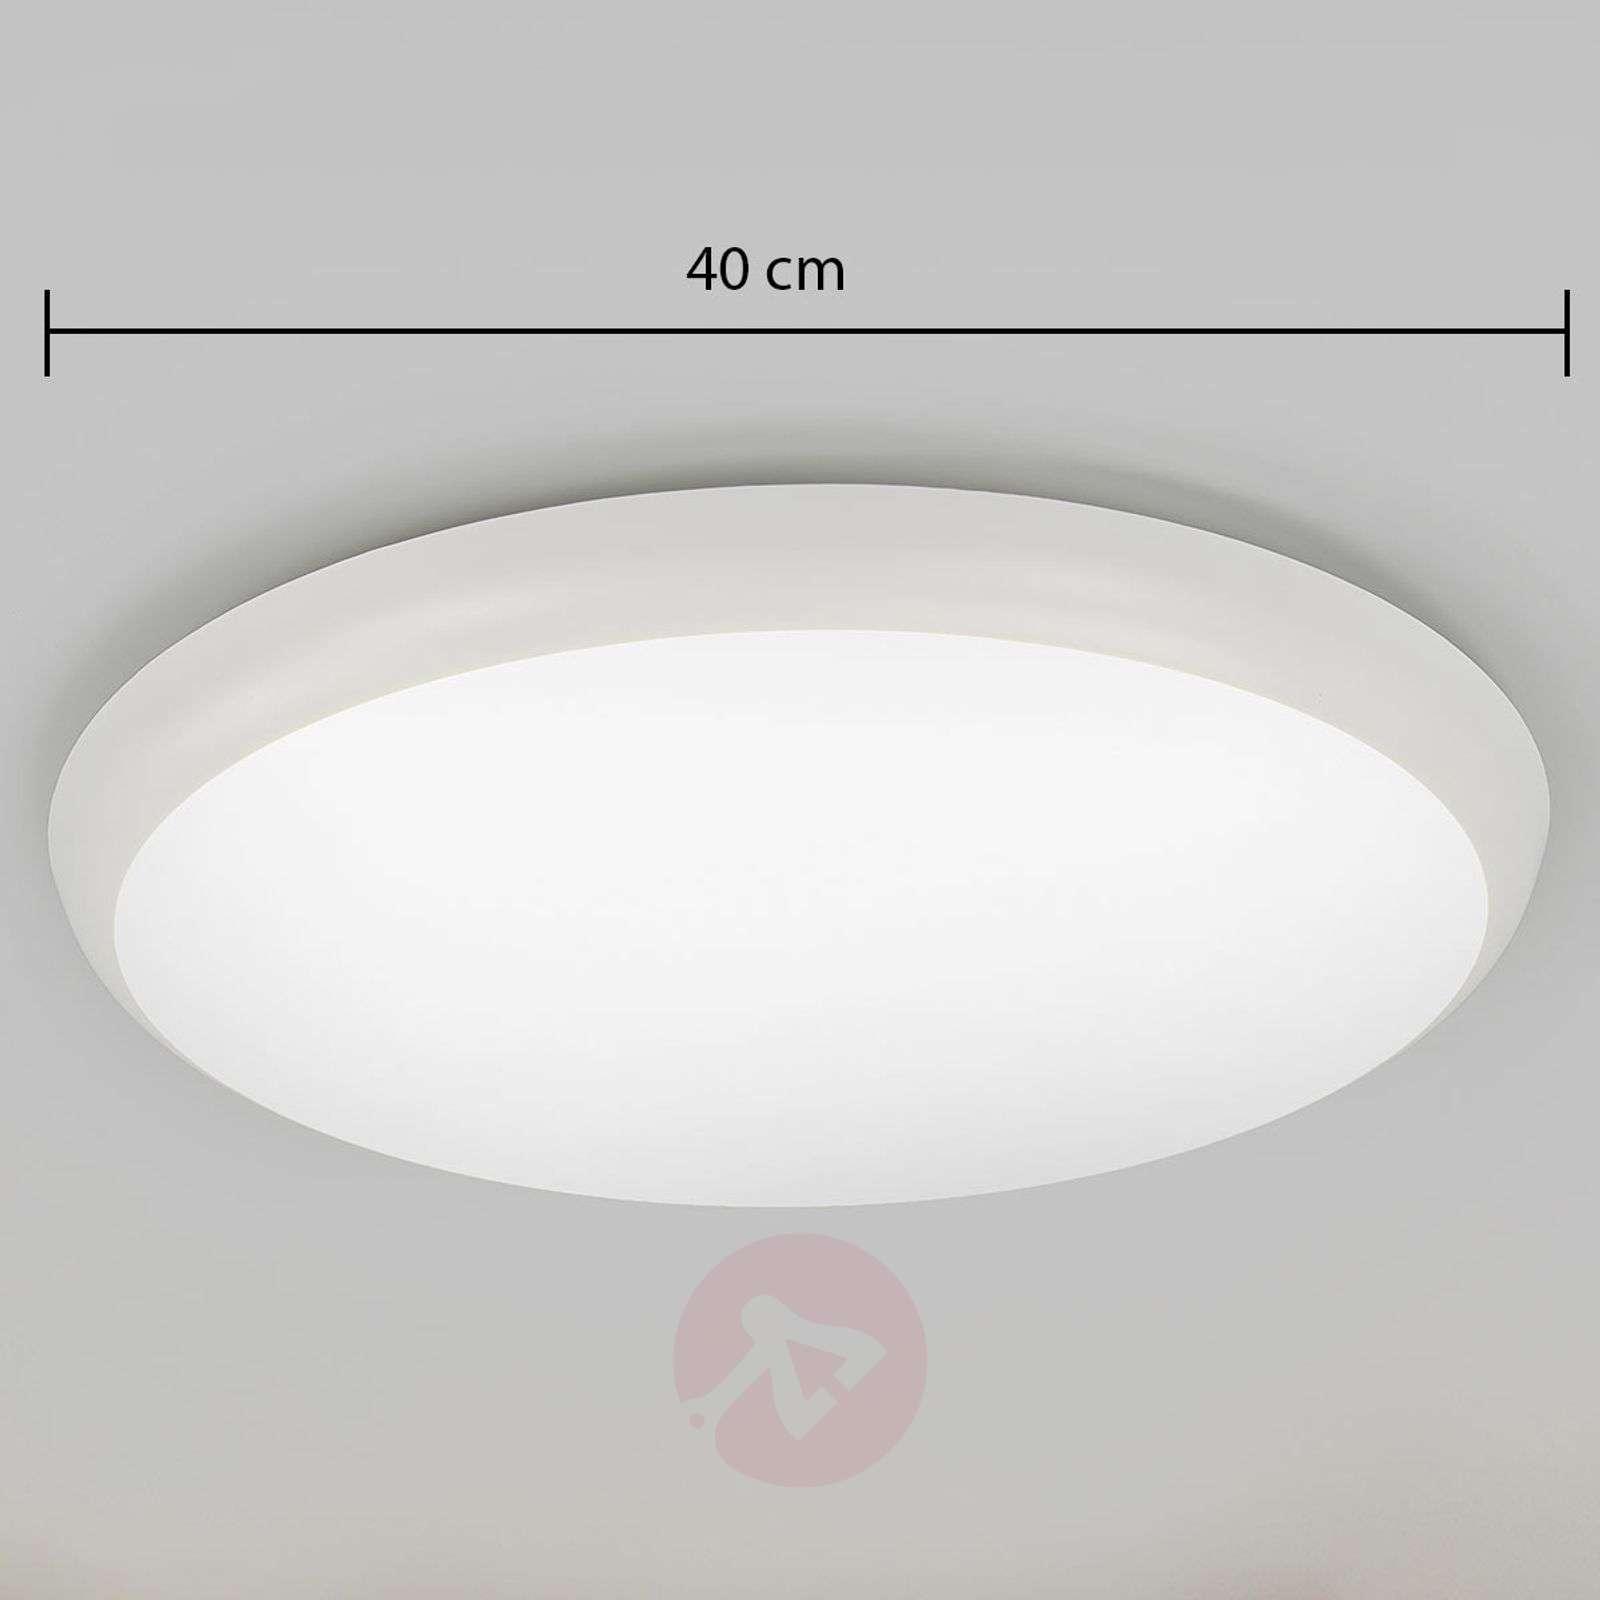 Augustin – round LED ceiling light, 40 cm-9967009-010